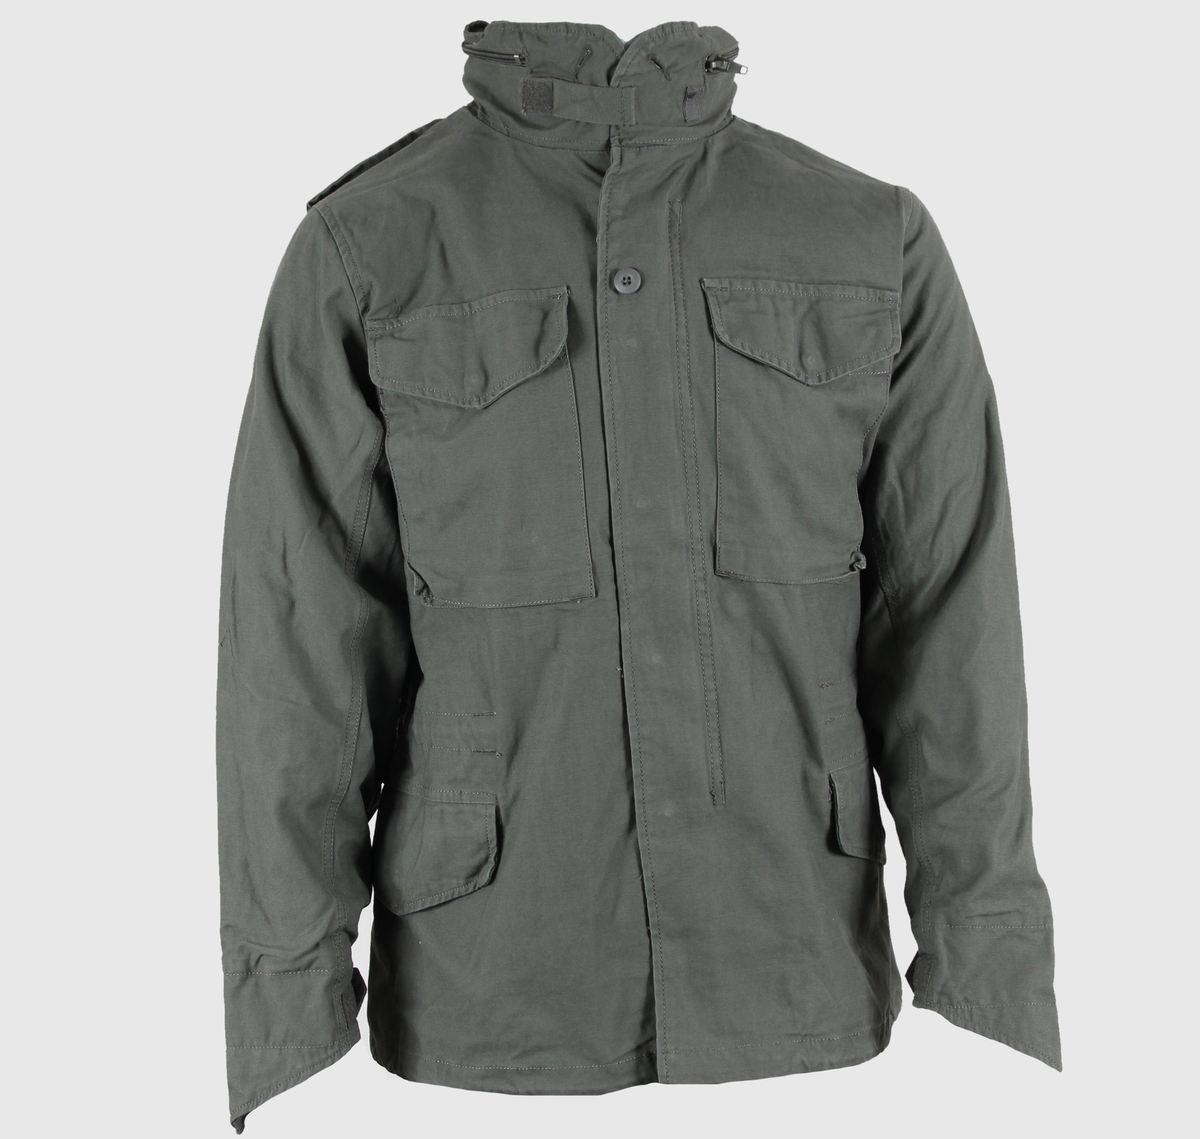 bunda pánská jarně-podzimní M65 Fieldjacket NYCO washed - OLIV - 100304